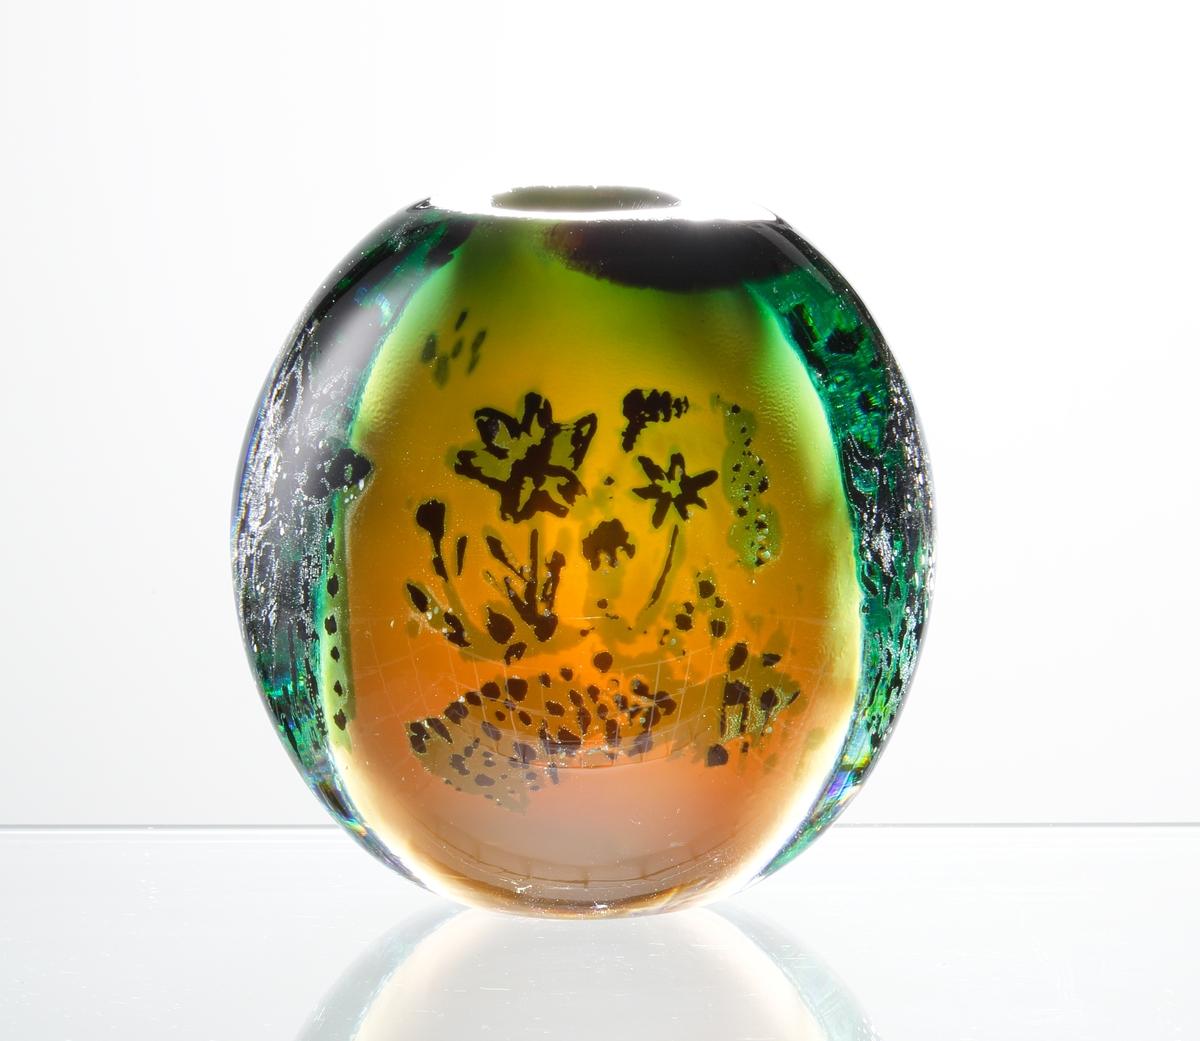 Vas, klotformad med motiv av två tjurar. Orange och grön kulör.